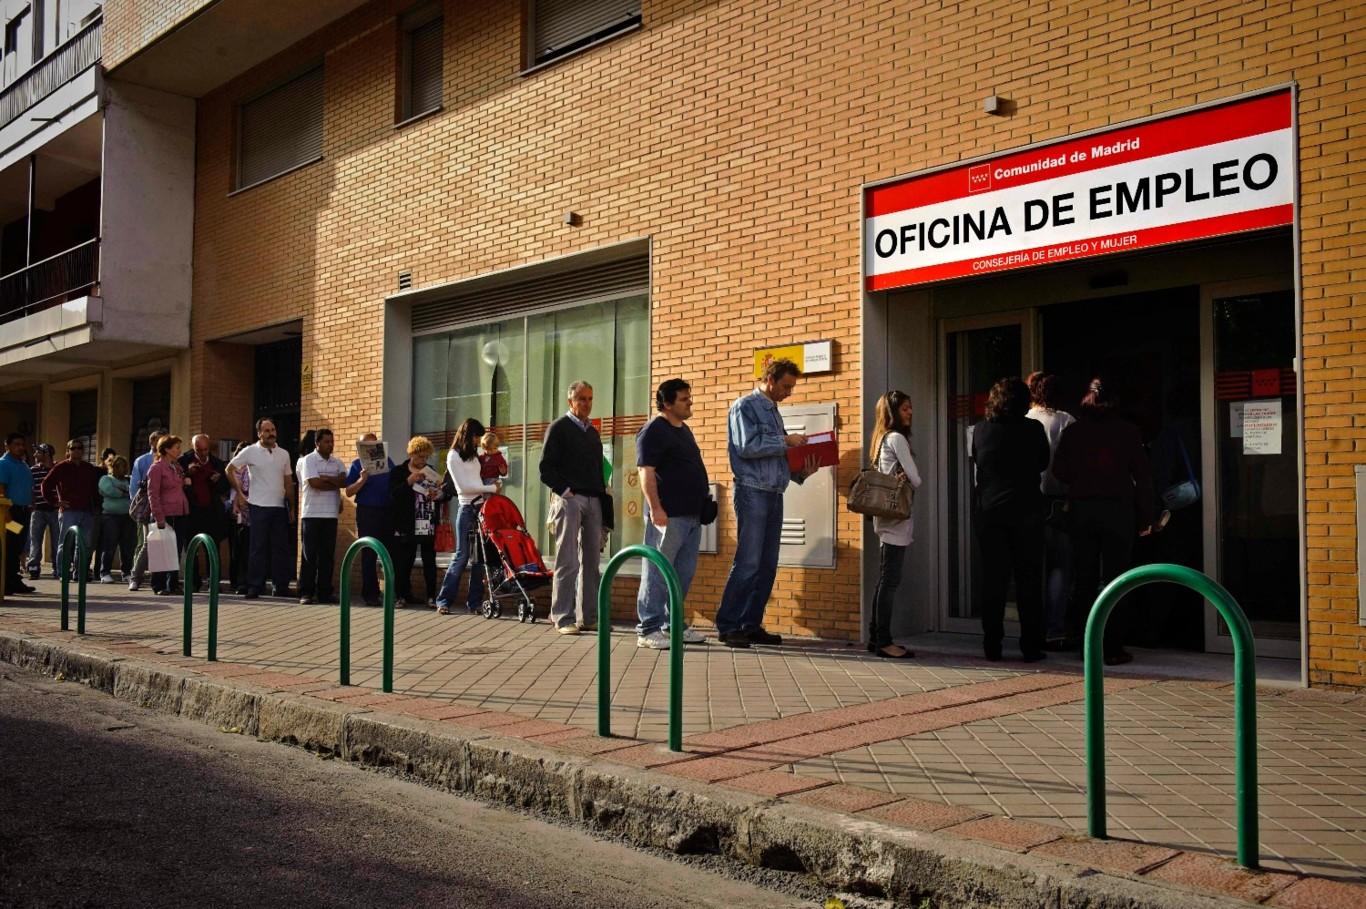 Desempleados españoles hacen cola en una oficina de empleo.